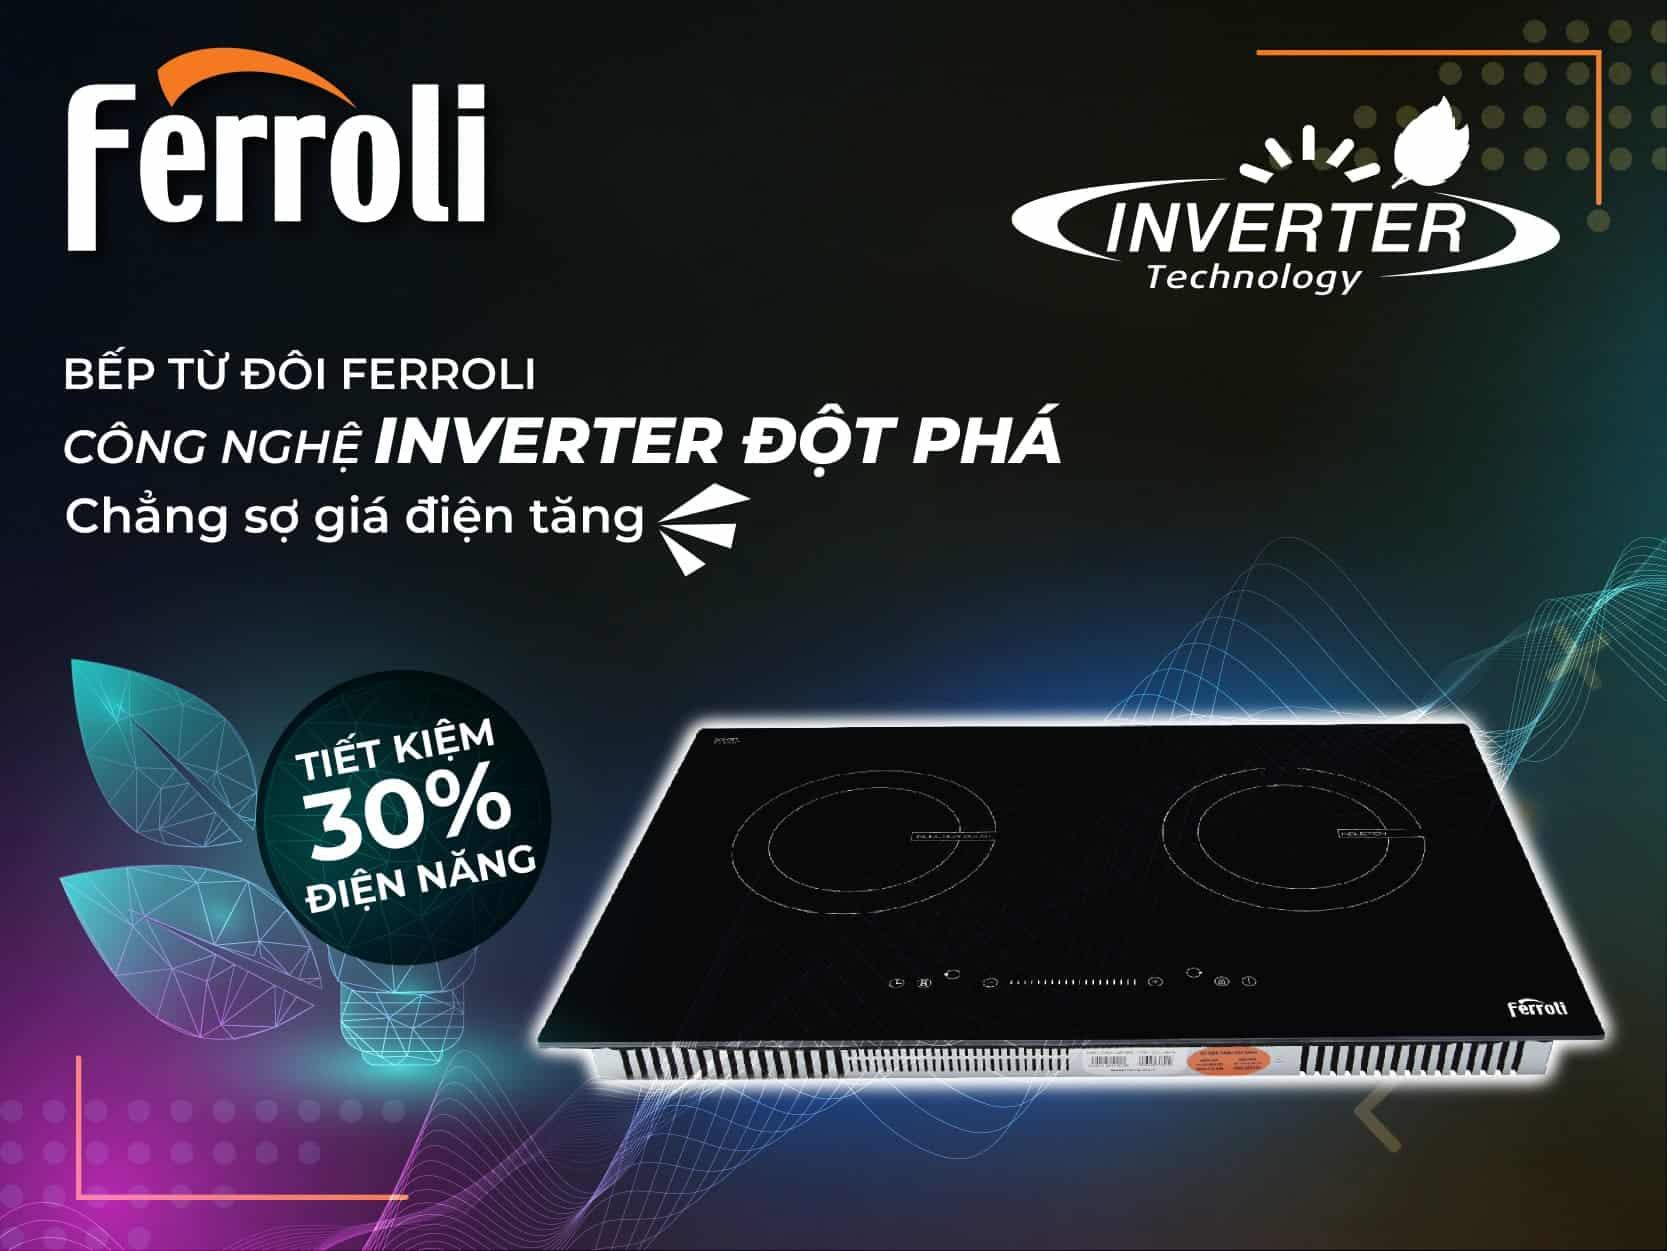 Bếp từ Ferroli tiết kiệm đến 30% điện năng nhờ công nghệ Inverter